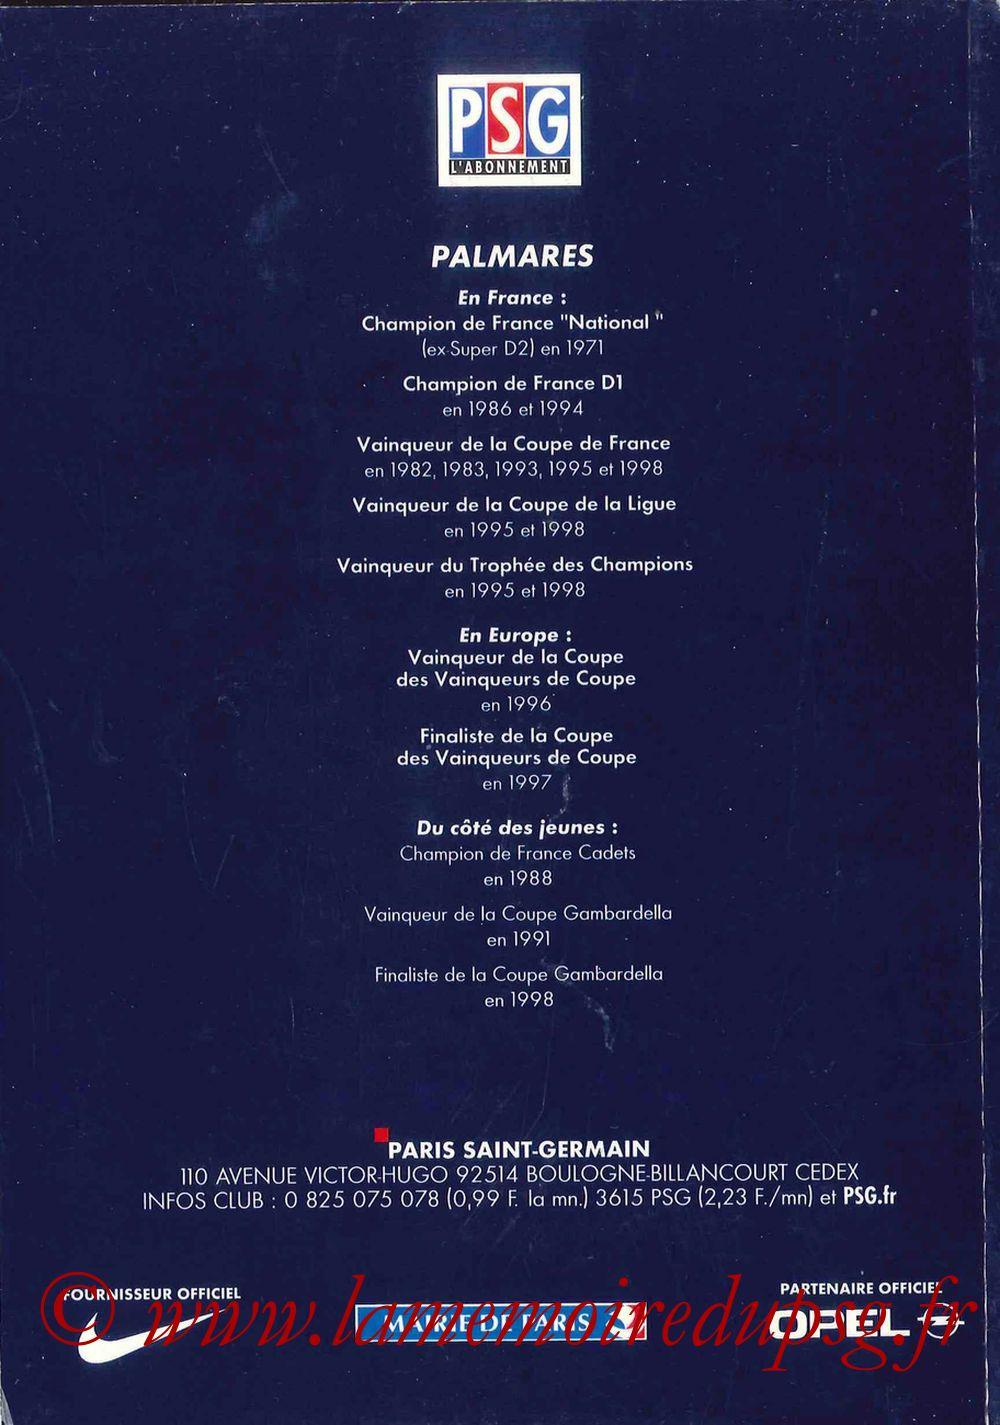 2000-01 - Guide de la Saison PSG - Pages 68